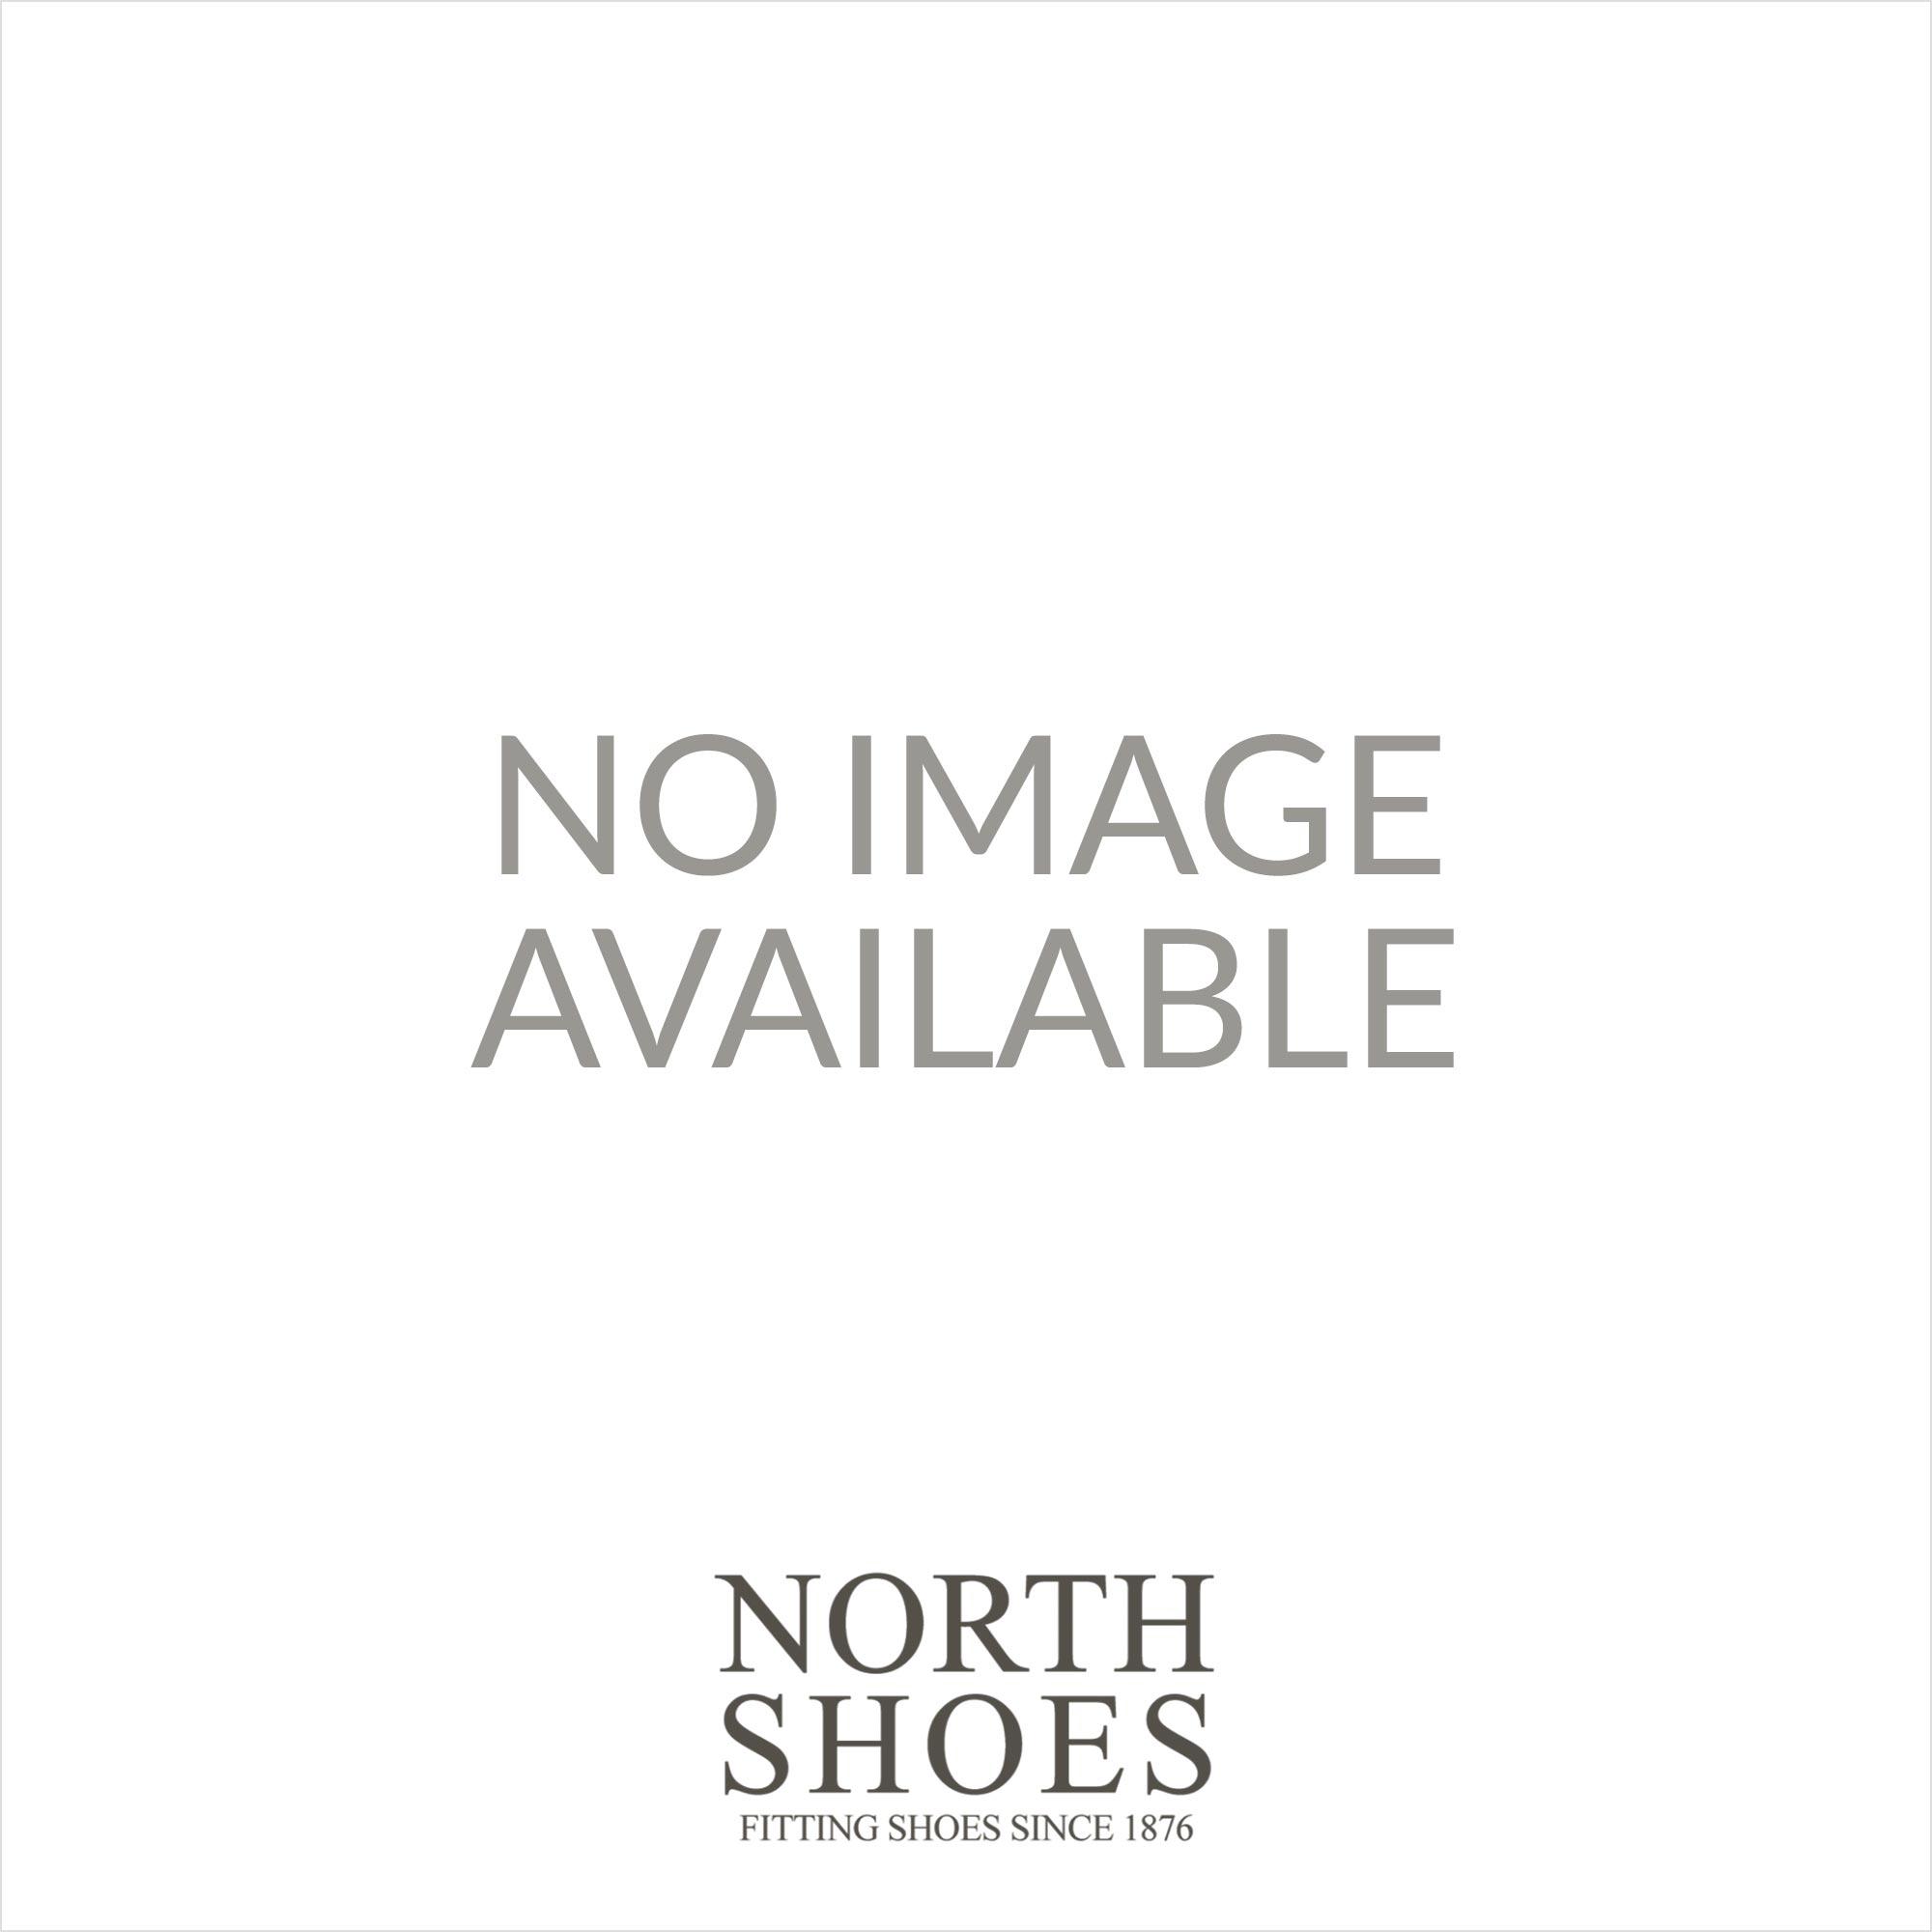 40e7200706 Vans VA349SMIT Navy Canvas Unisex Lace Up Casual Shoe - UK 2 - Vans ...